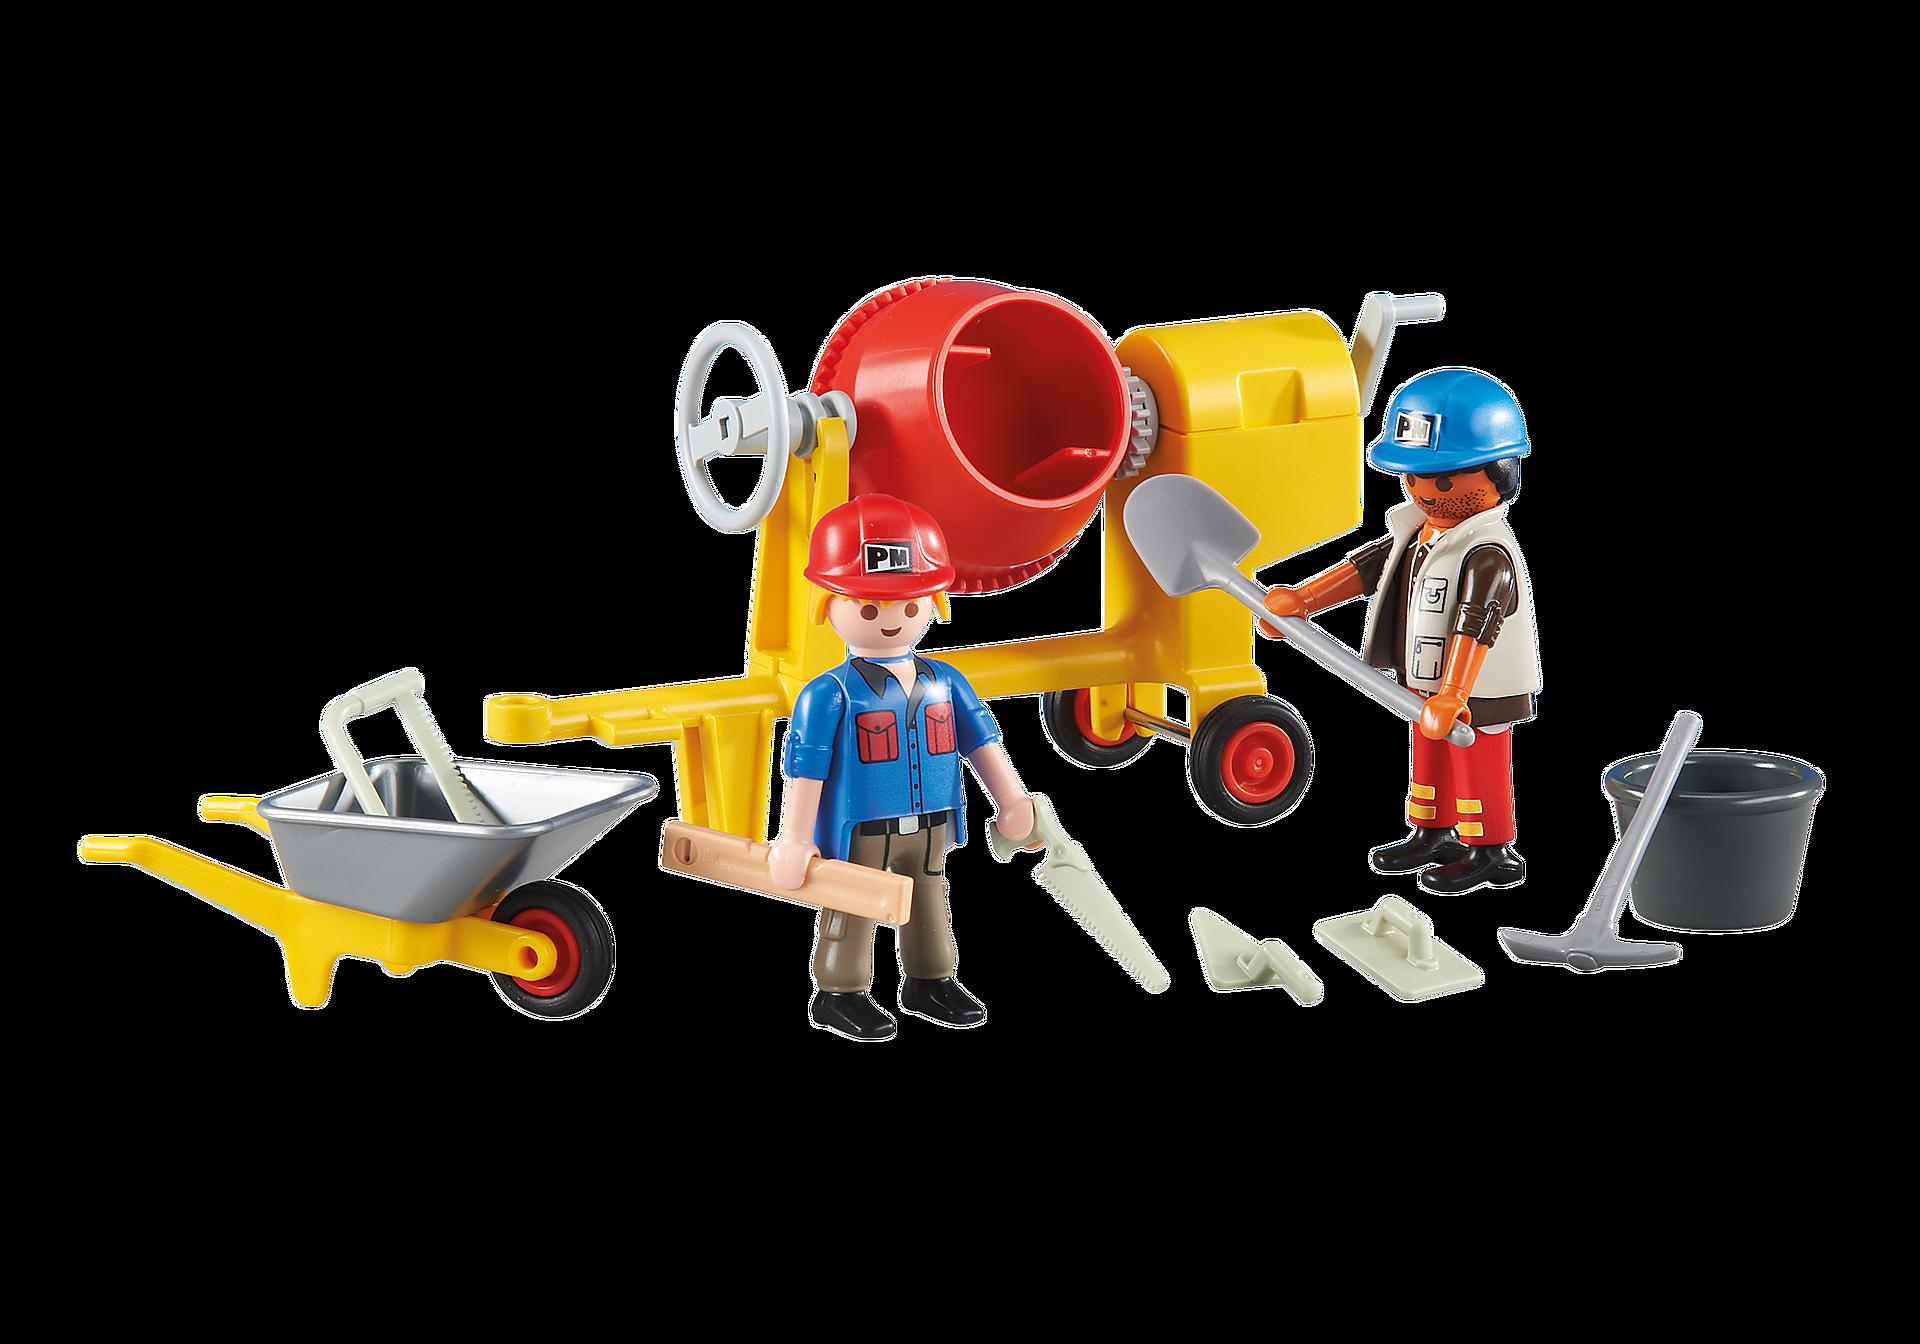 6339 2 arbeiders met betonmolen zoom image1